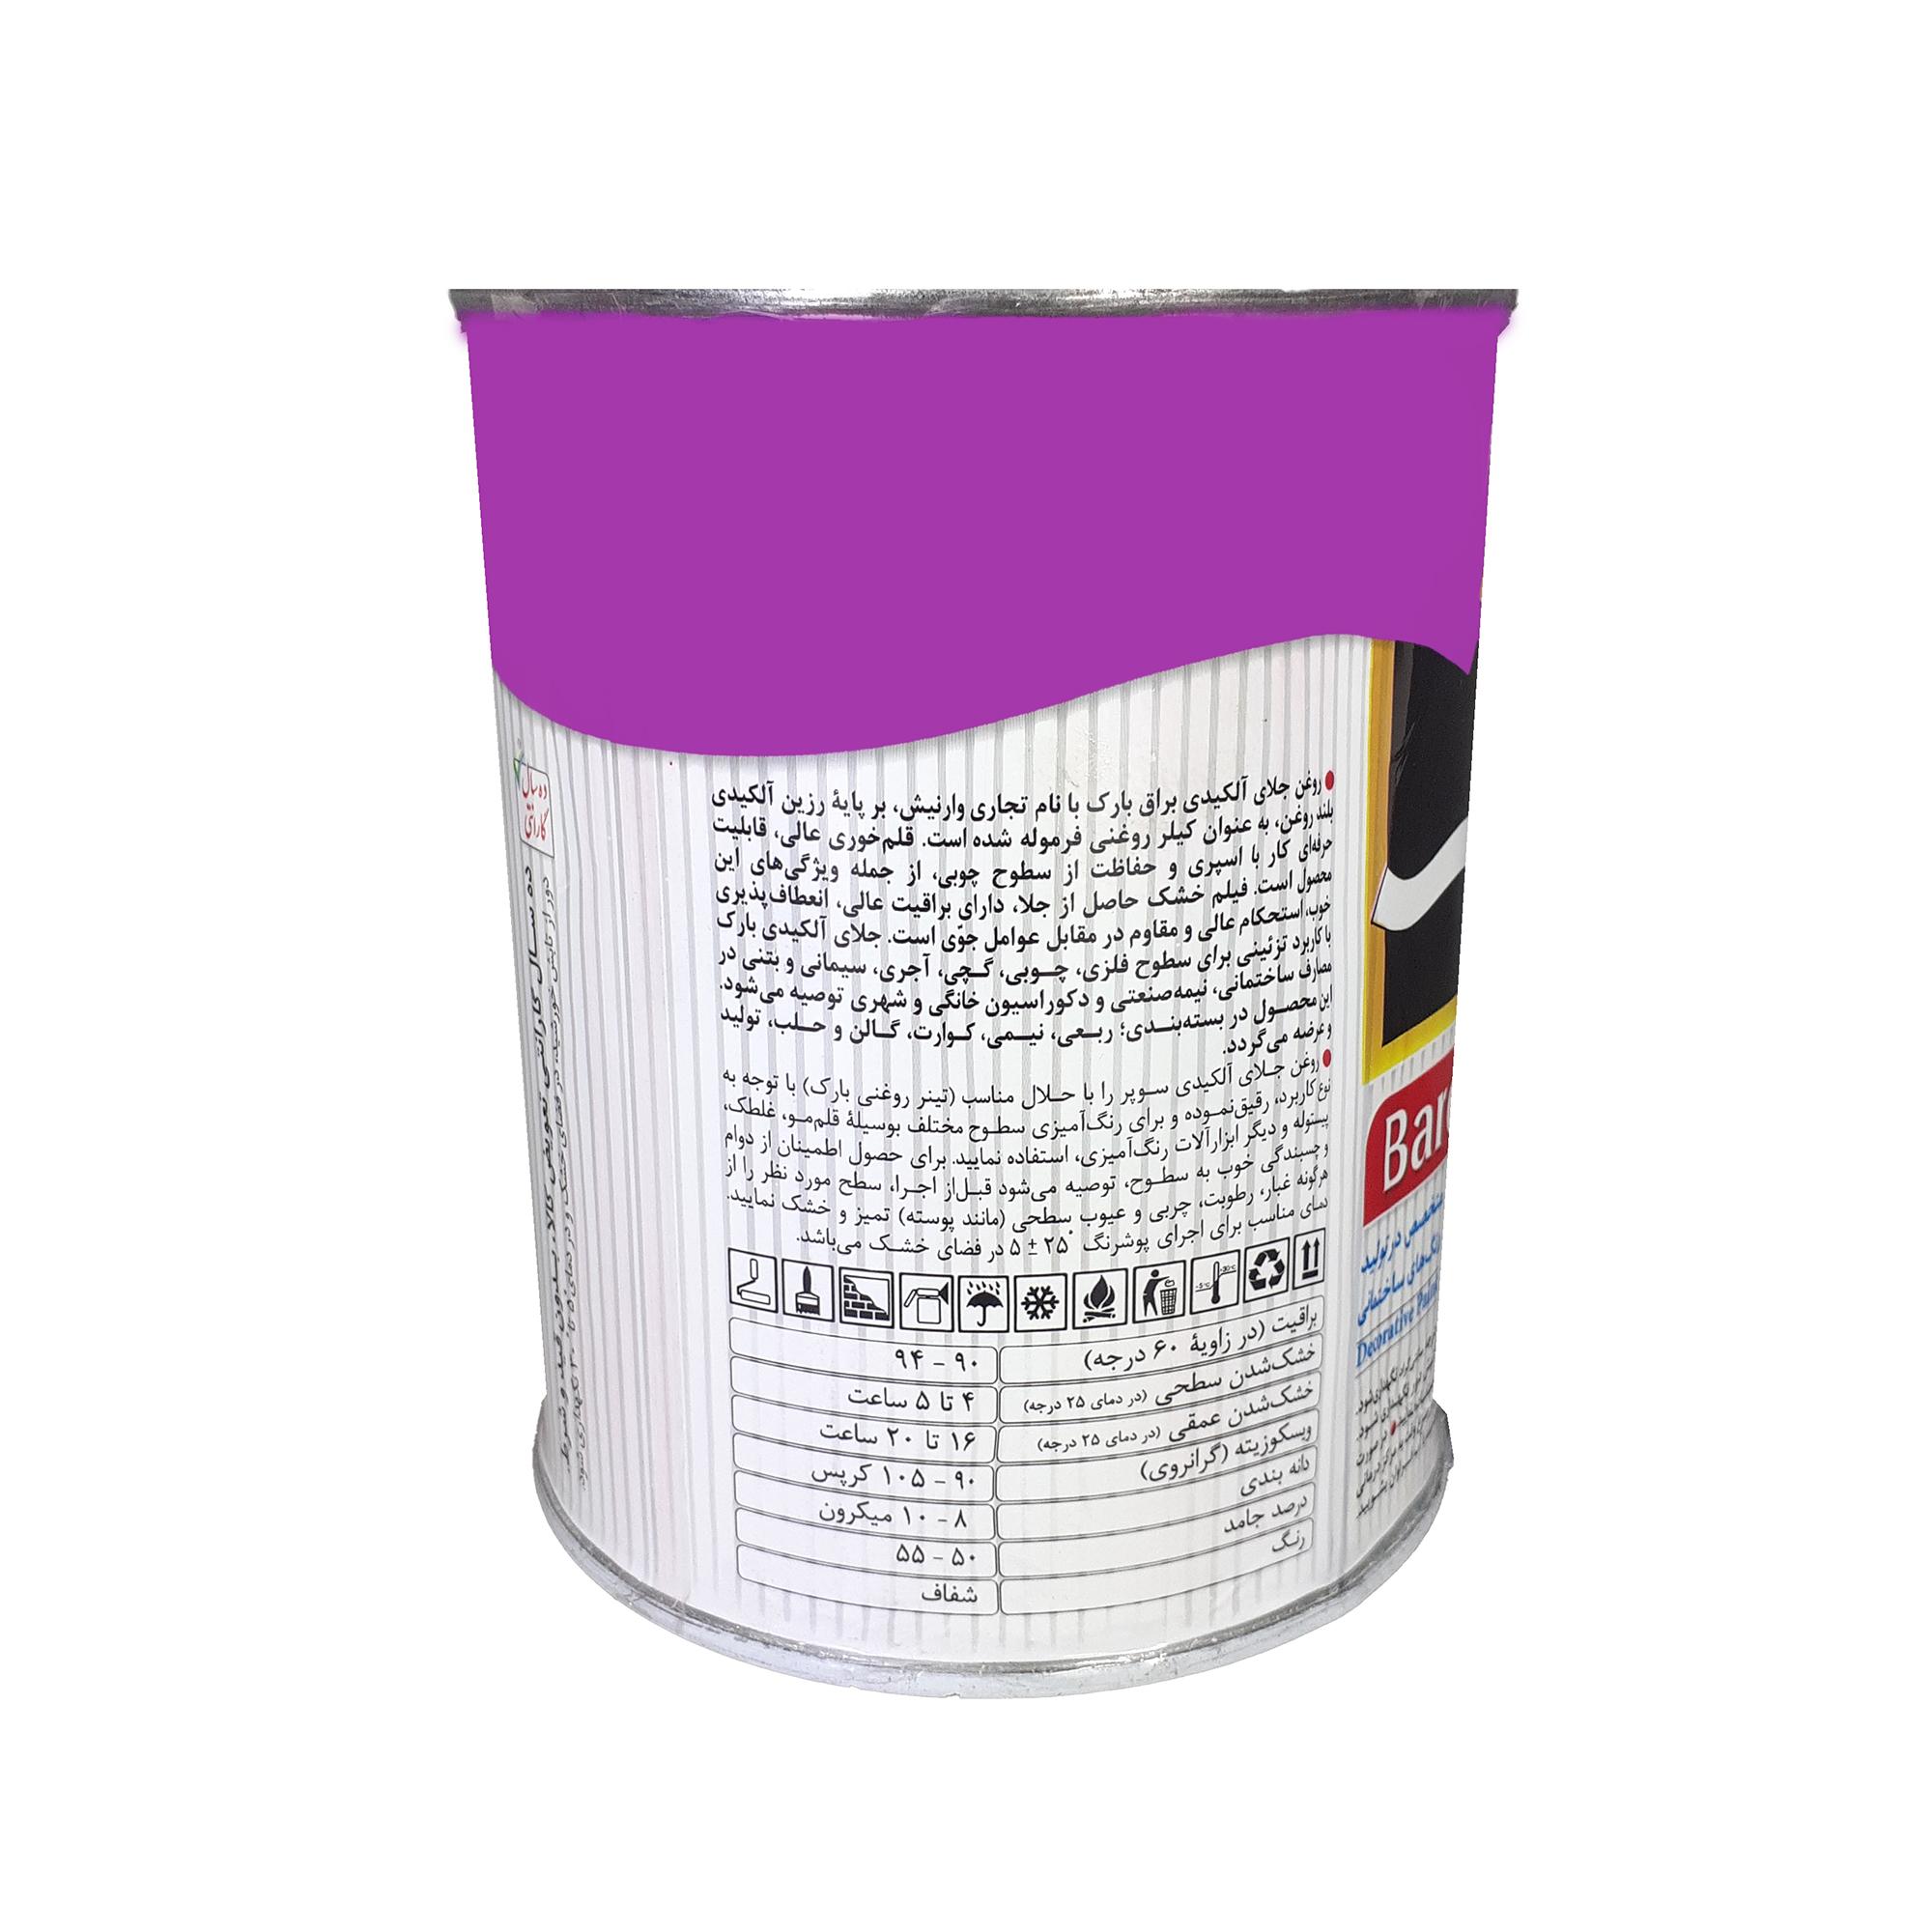 قیمت                                      روغن جلای آلکیدی بارک مدل ۰۱ وزن ۱ کیلوگرم